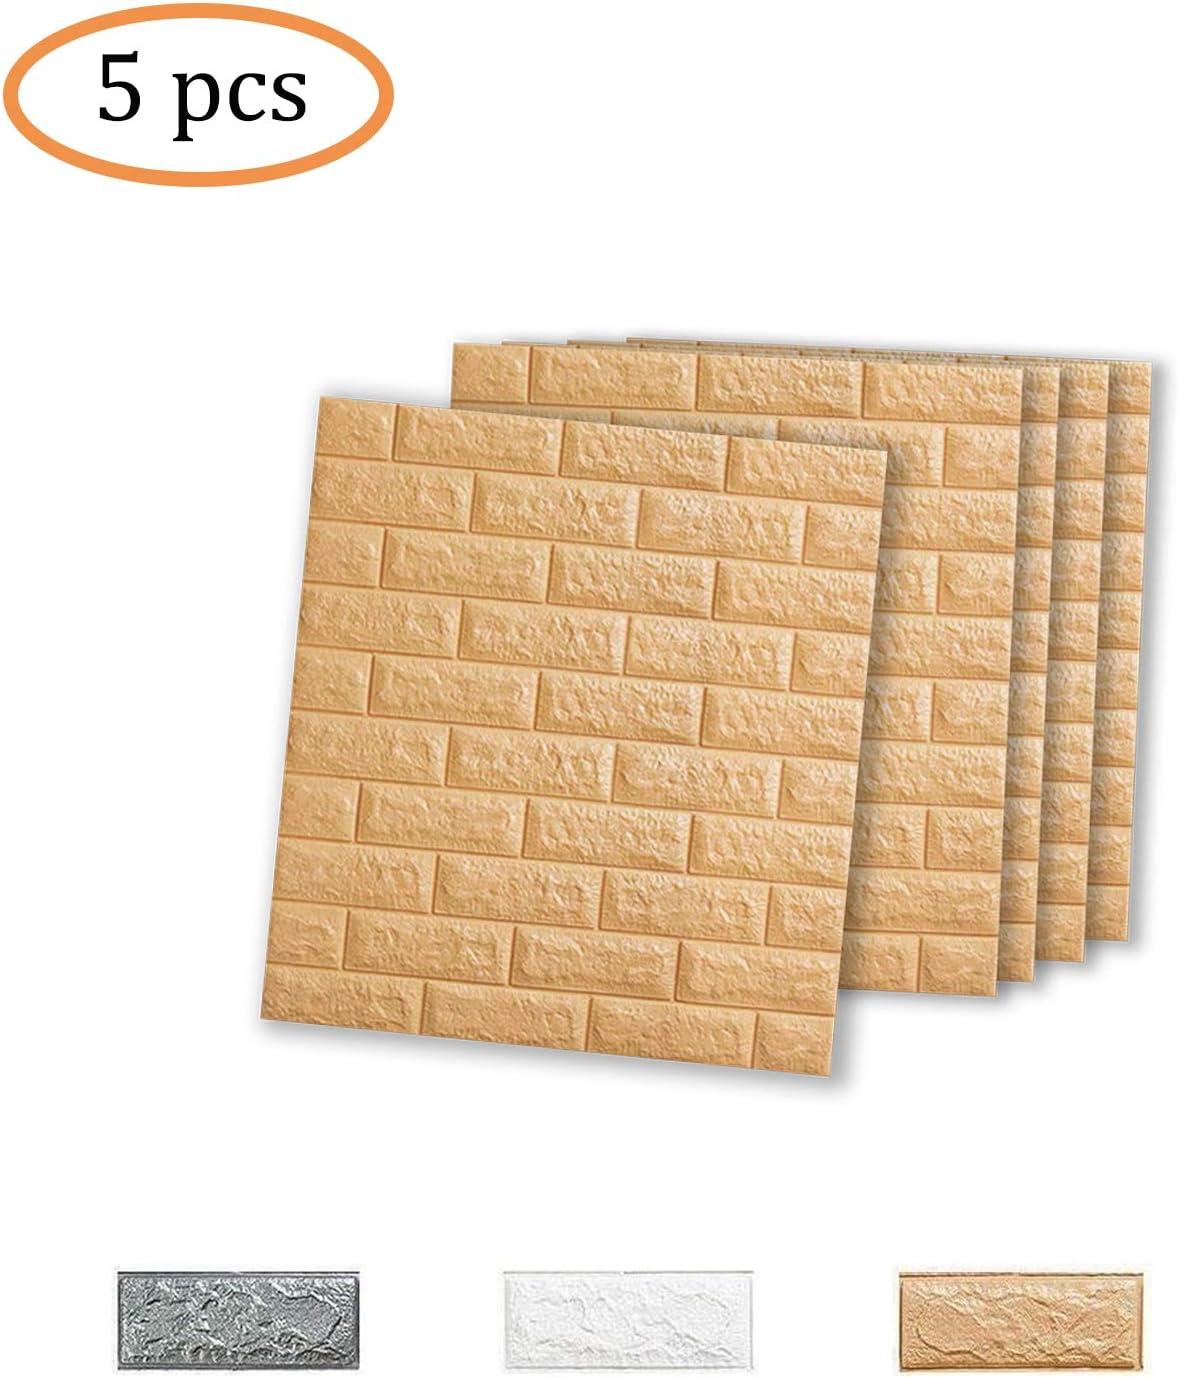 77 * 70CM VASEN Papier Peint 3D Brique Amovible D/écoradif Stickers Muraux Effet Pierre Autocollant Imperm/éable Auto-Adh/ésif pour Chambre Maison Cuisine 5ps, Gris